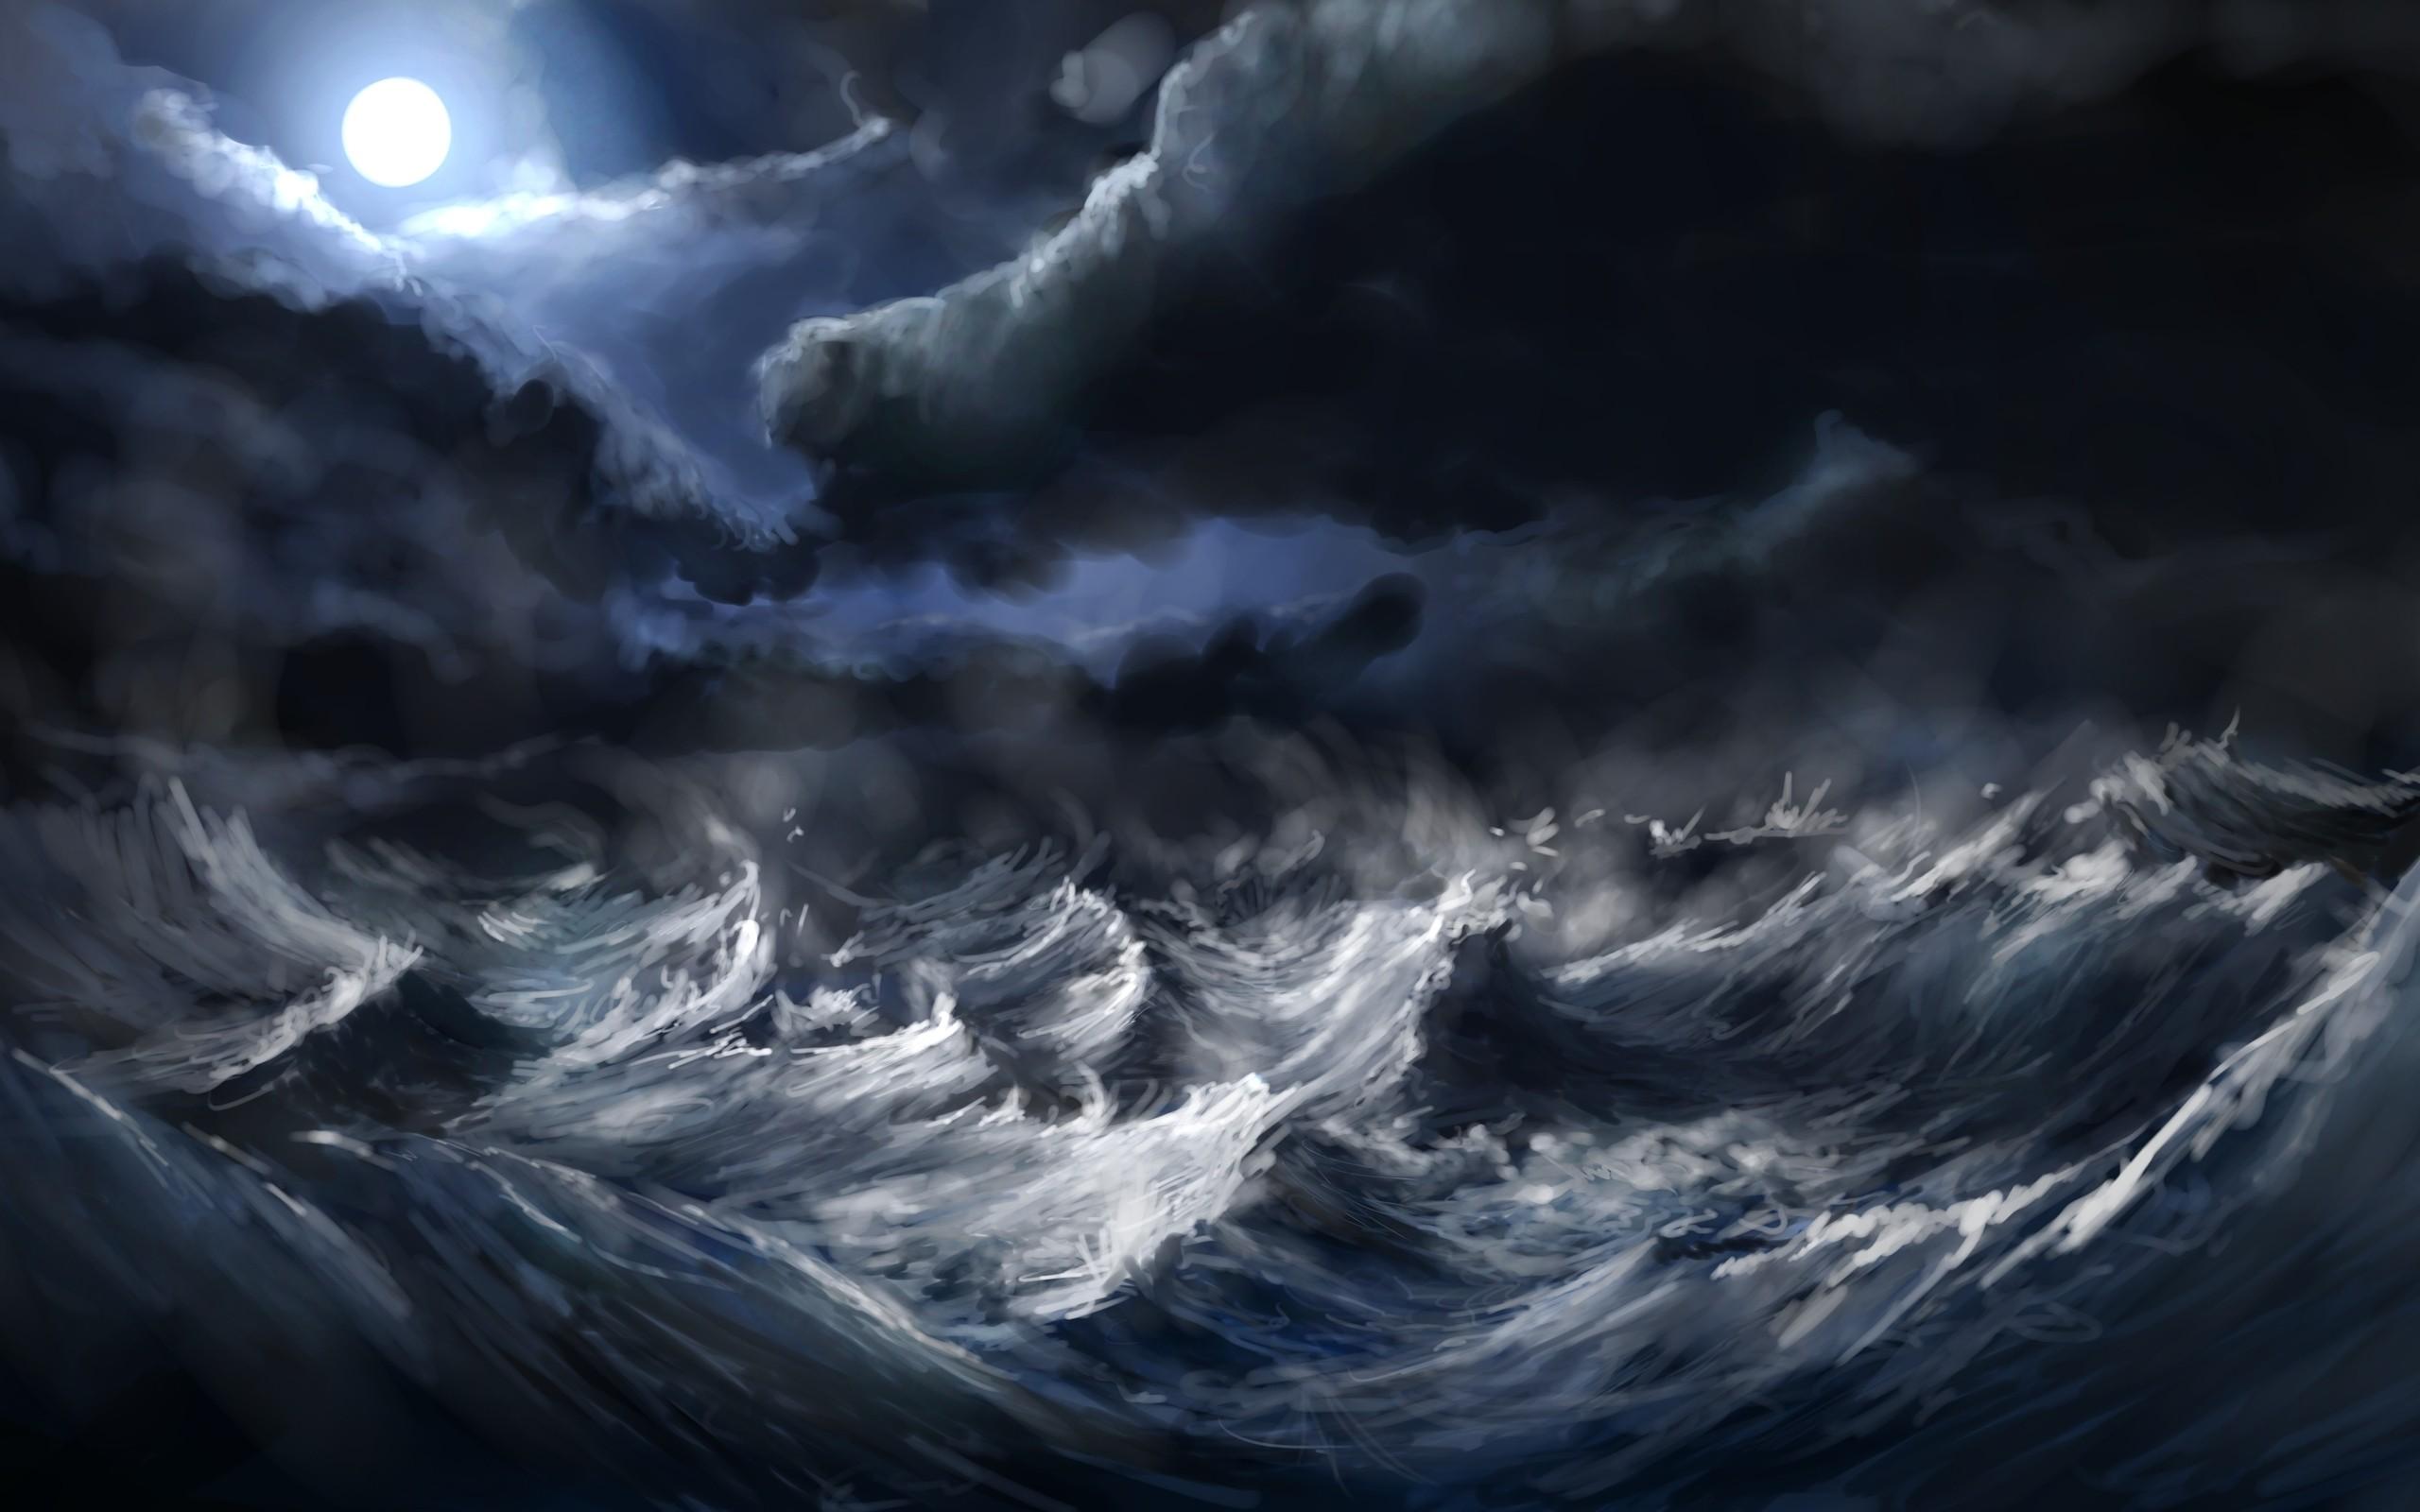 2560x1600 Calm Amidst The Storm, Praying Matterofprayer